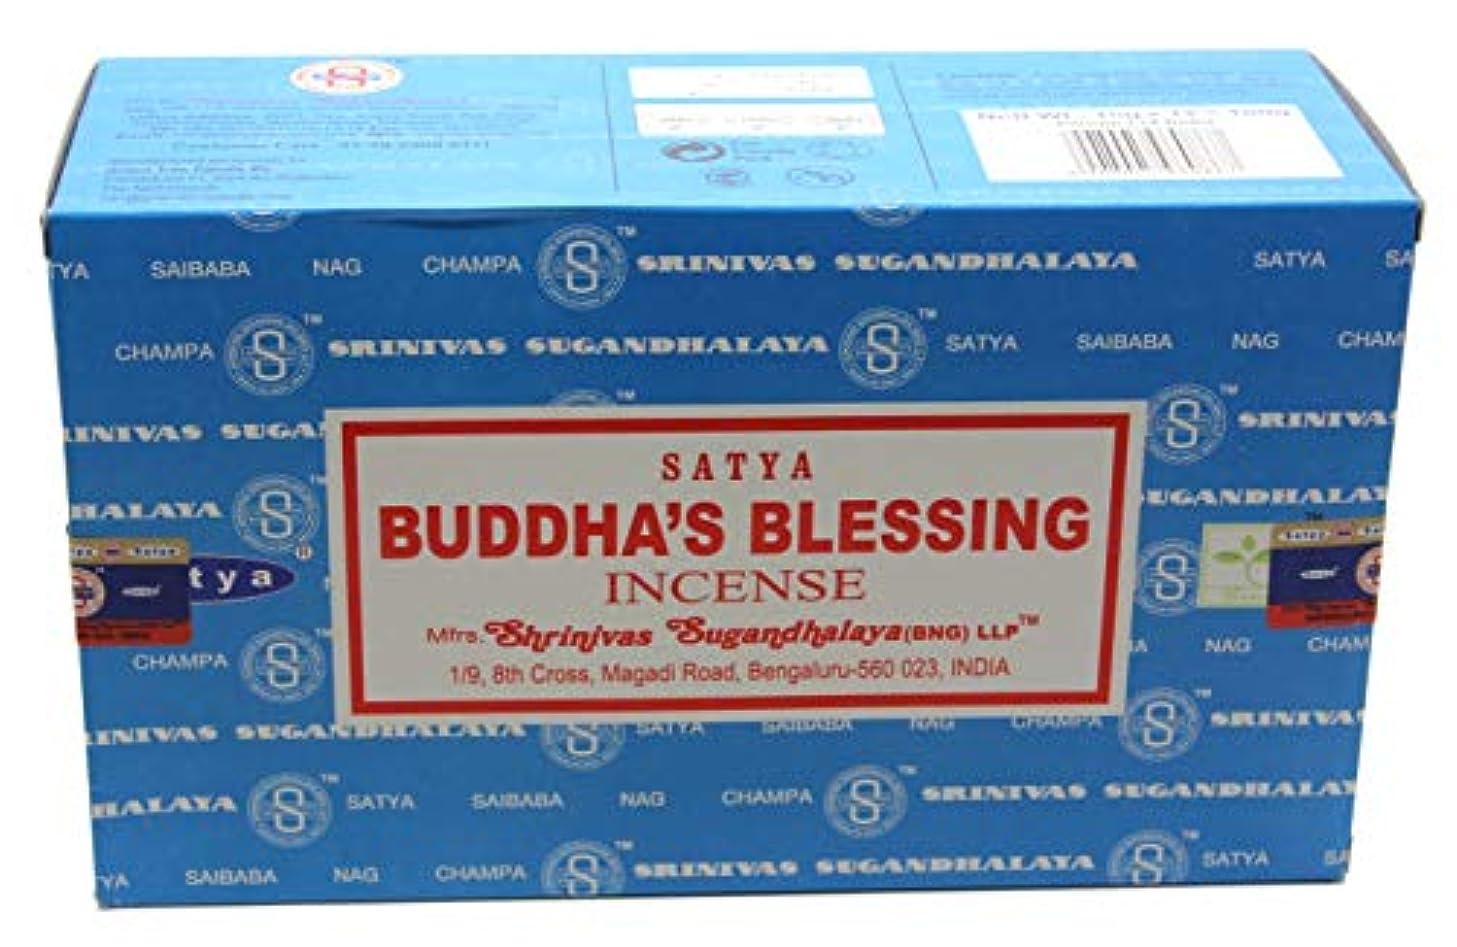 砲兵ヨーグルトエゴマニアSatyaバンガロール(BNG) Buddha 's Blessings Incense Sticks 12ボックスX合計15 g180グラム